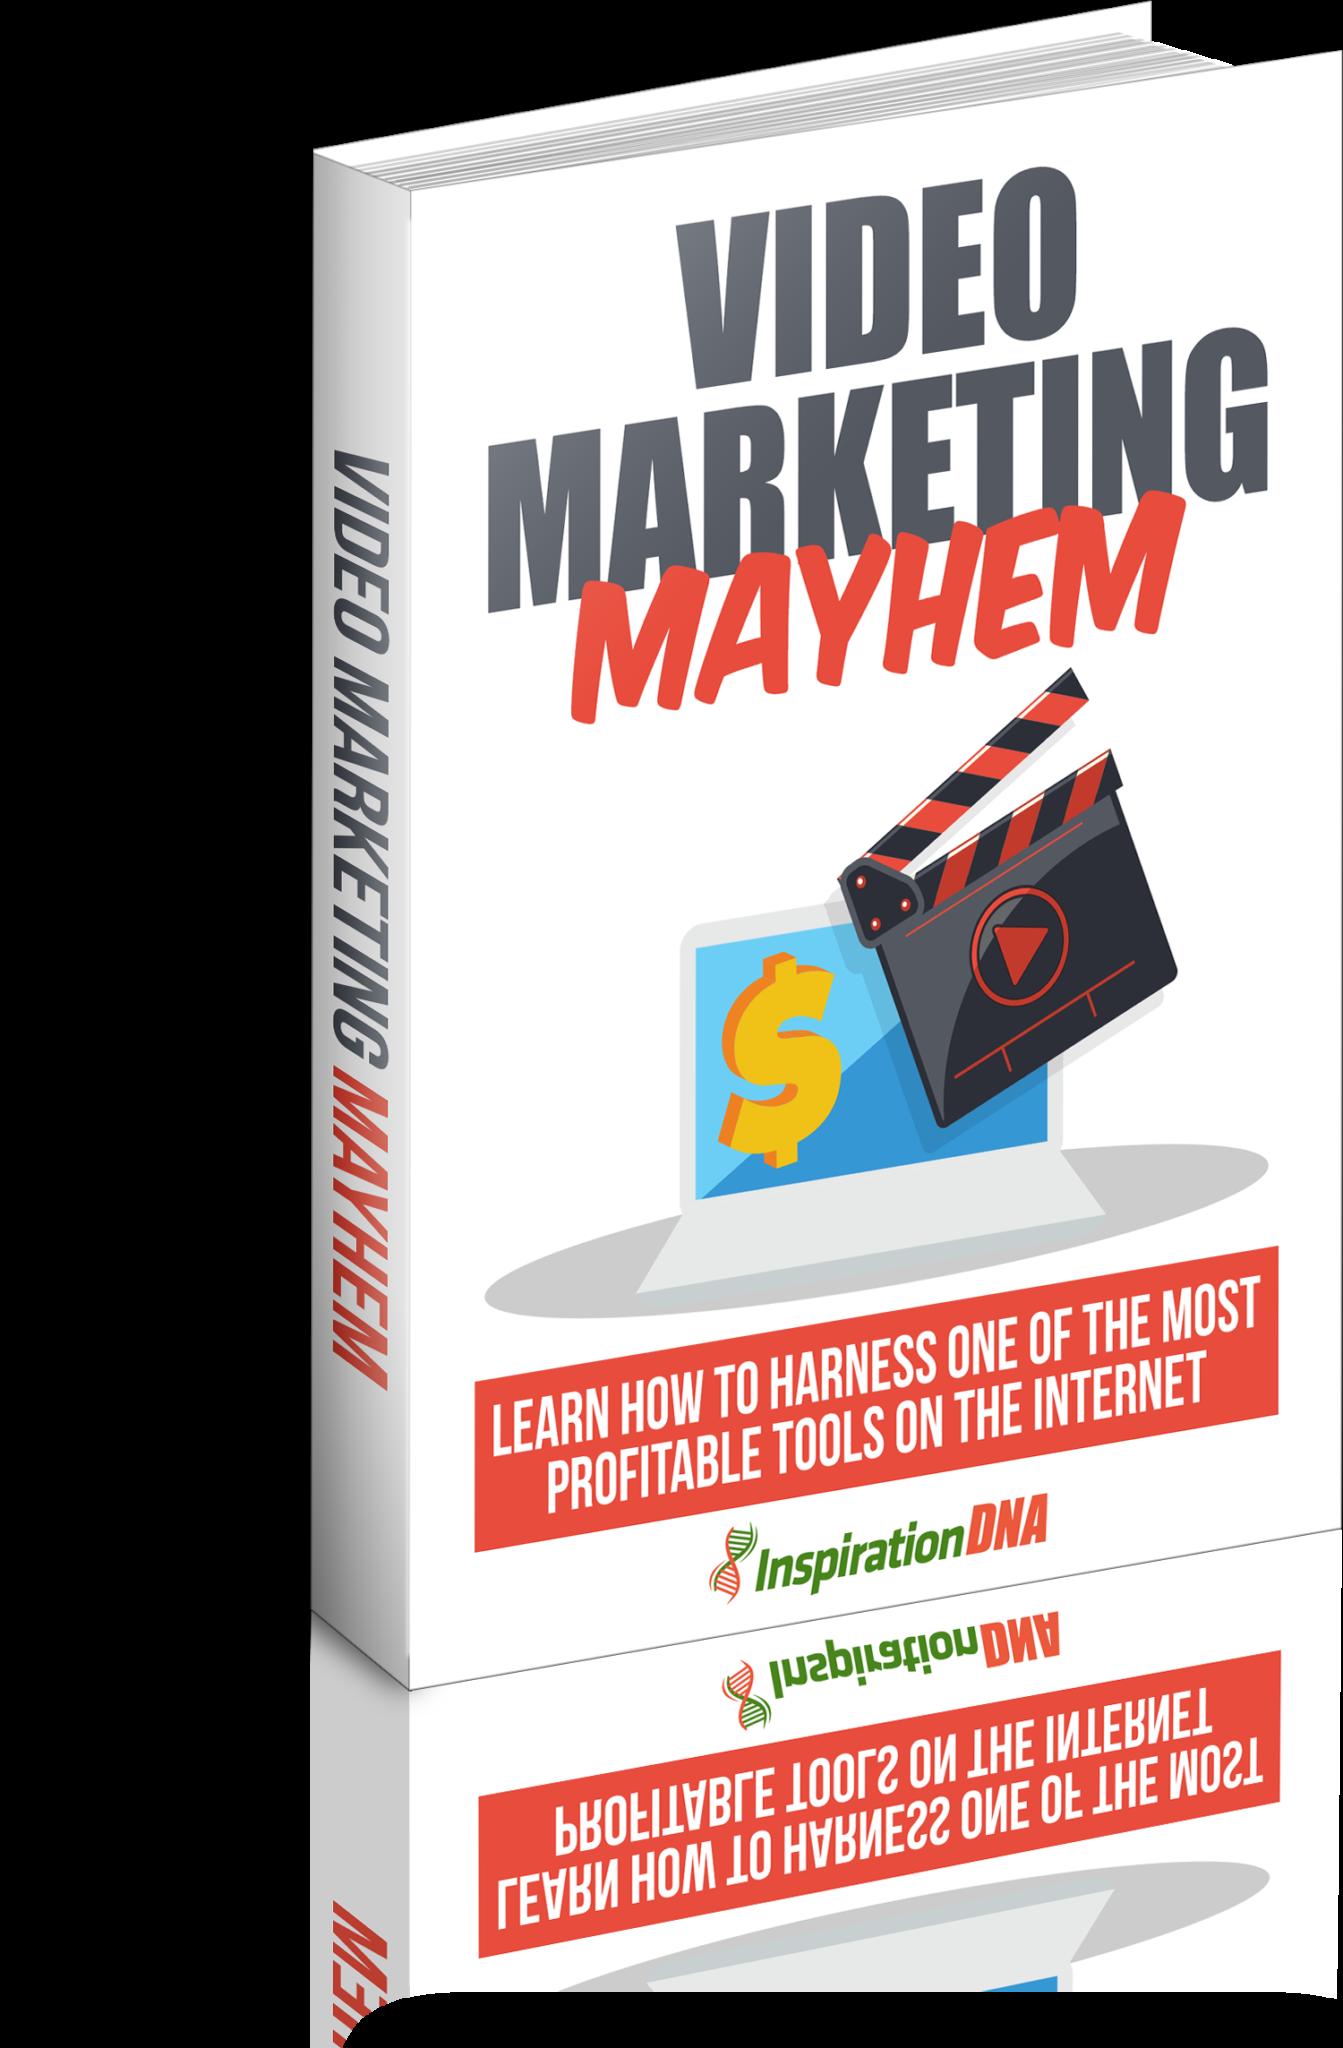 VideoMarketingMayhem mrr Video Marketing Mayhem